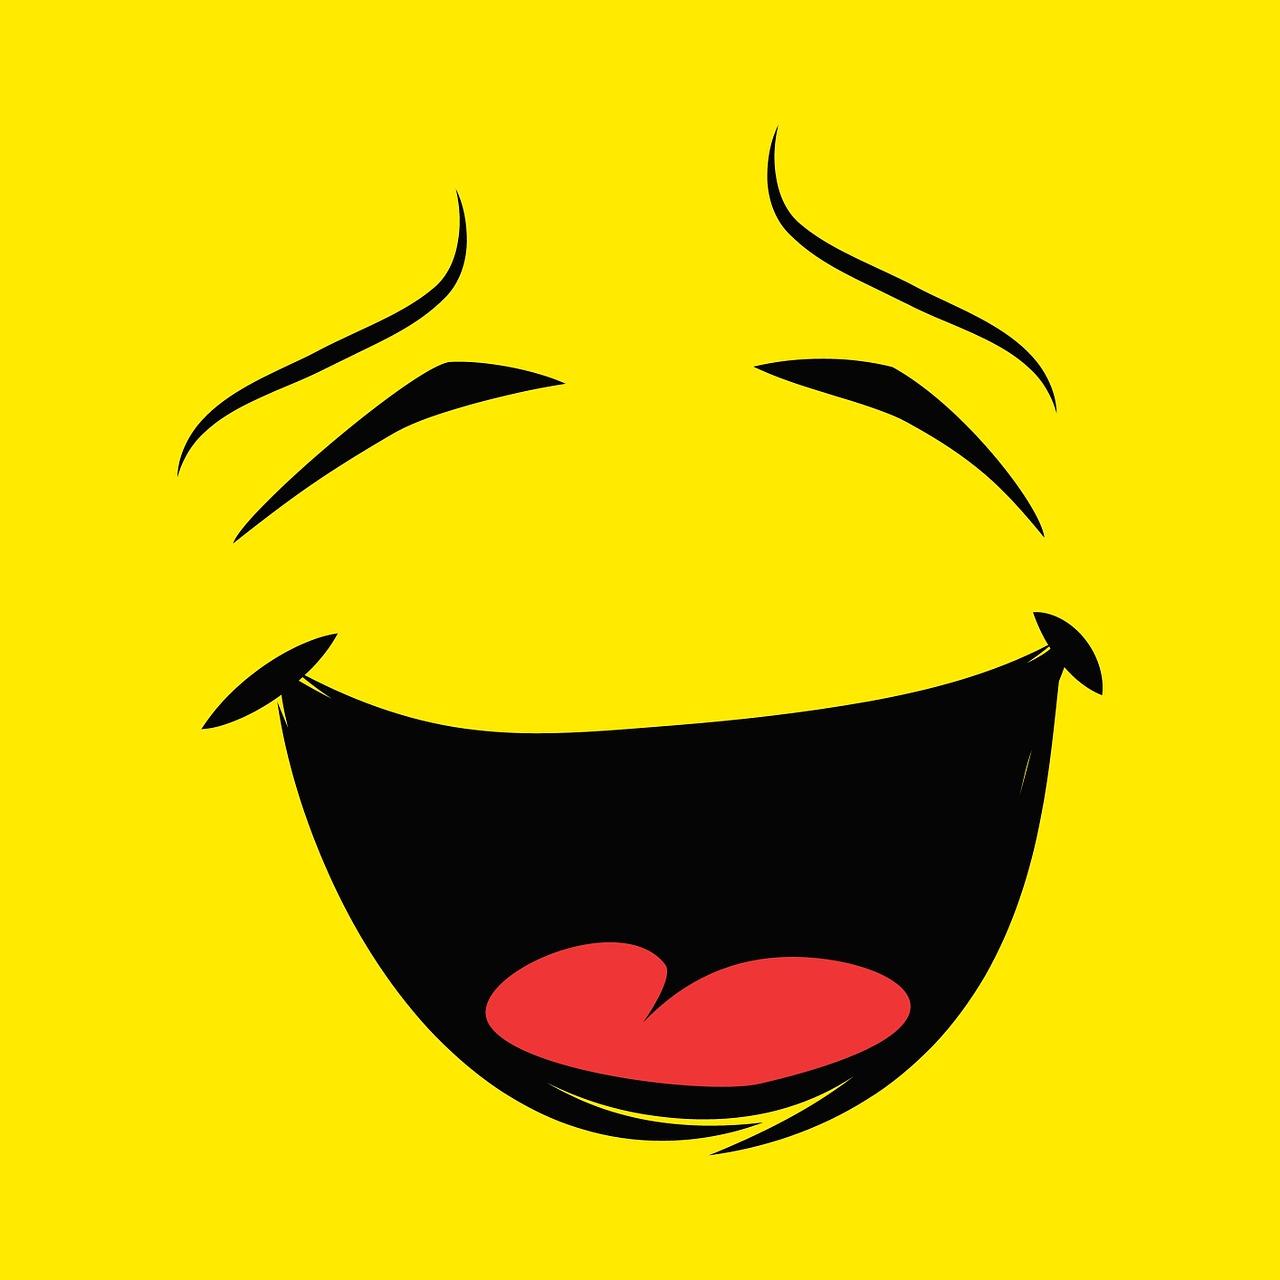 Как сделать смех смайлик